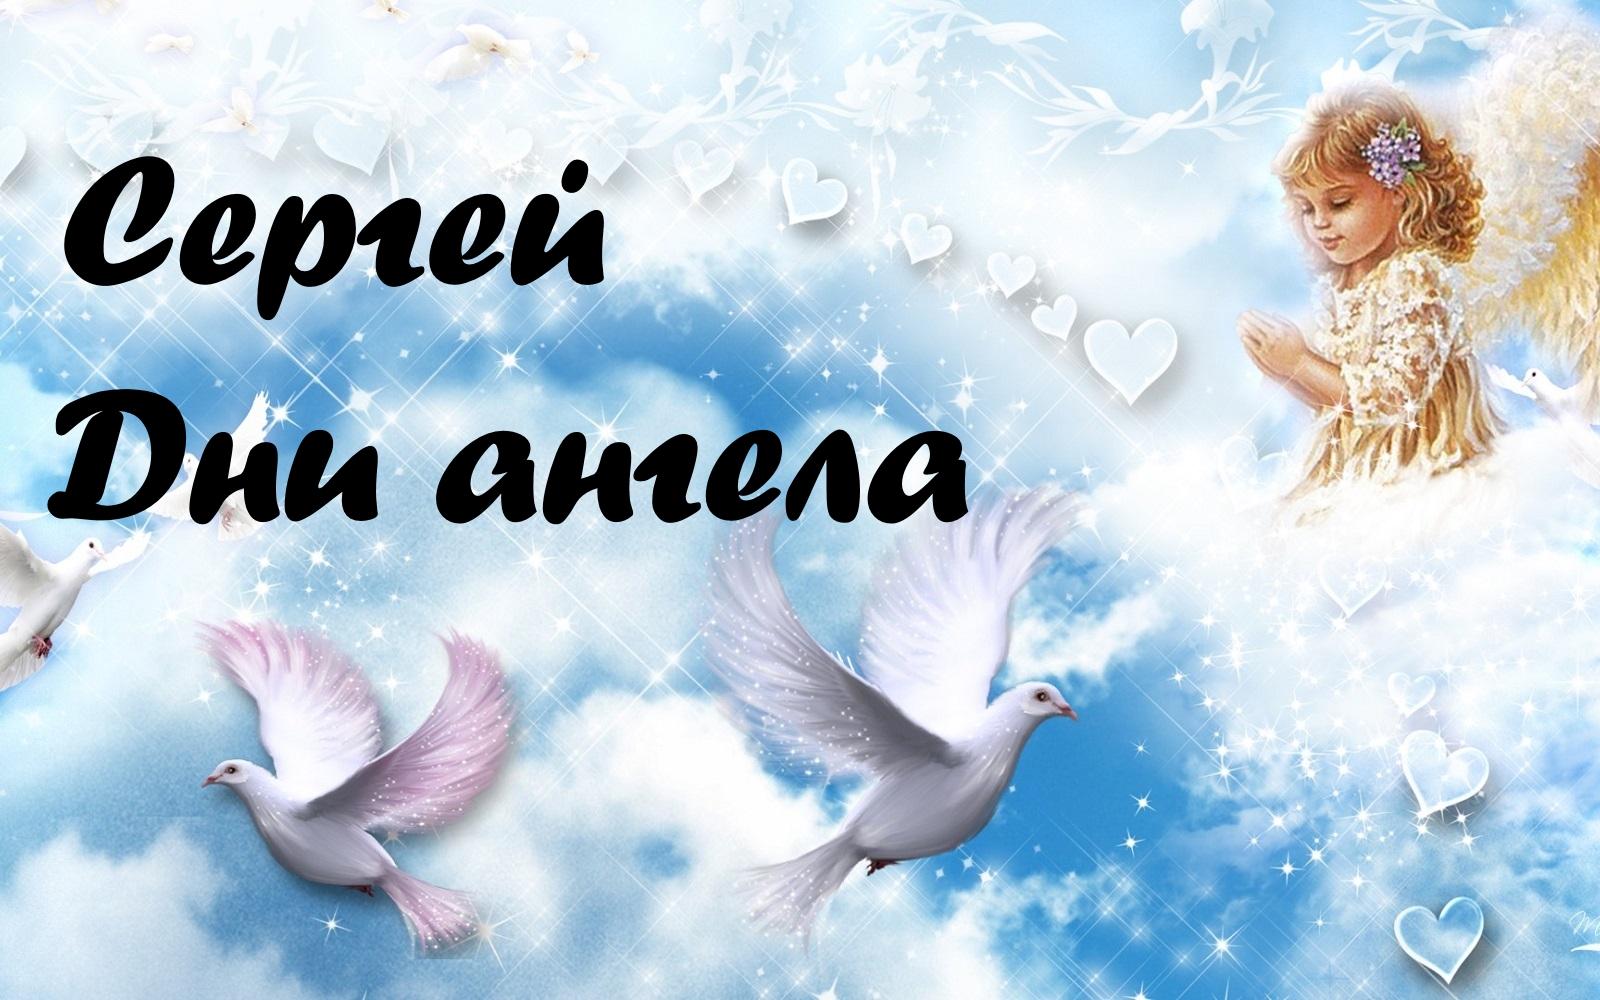 Сергей день ангела открытка